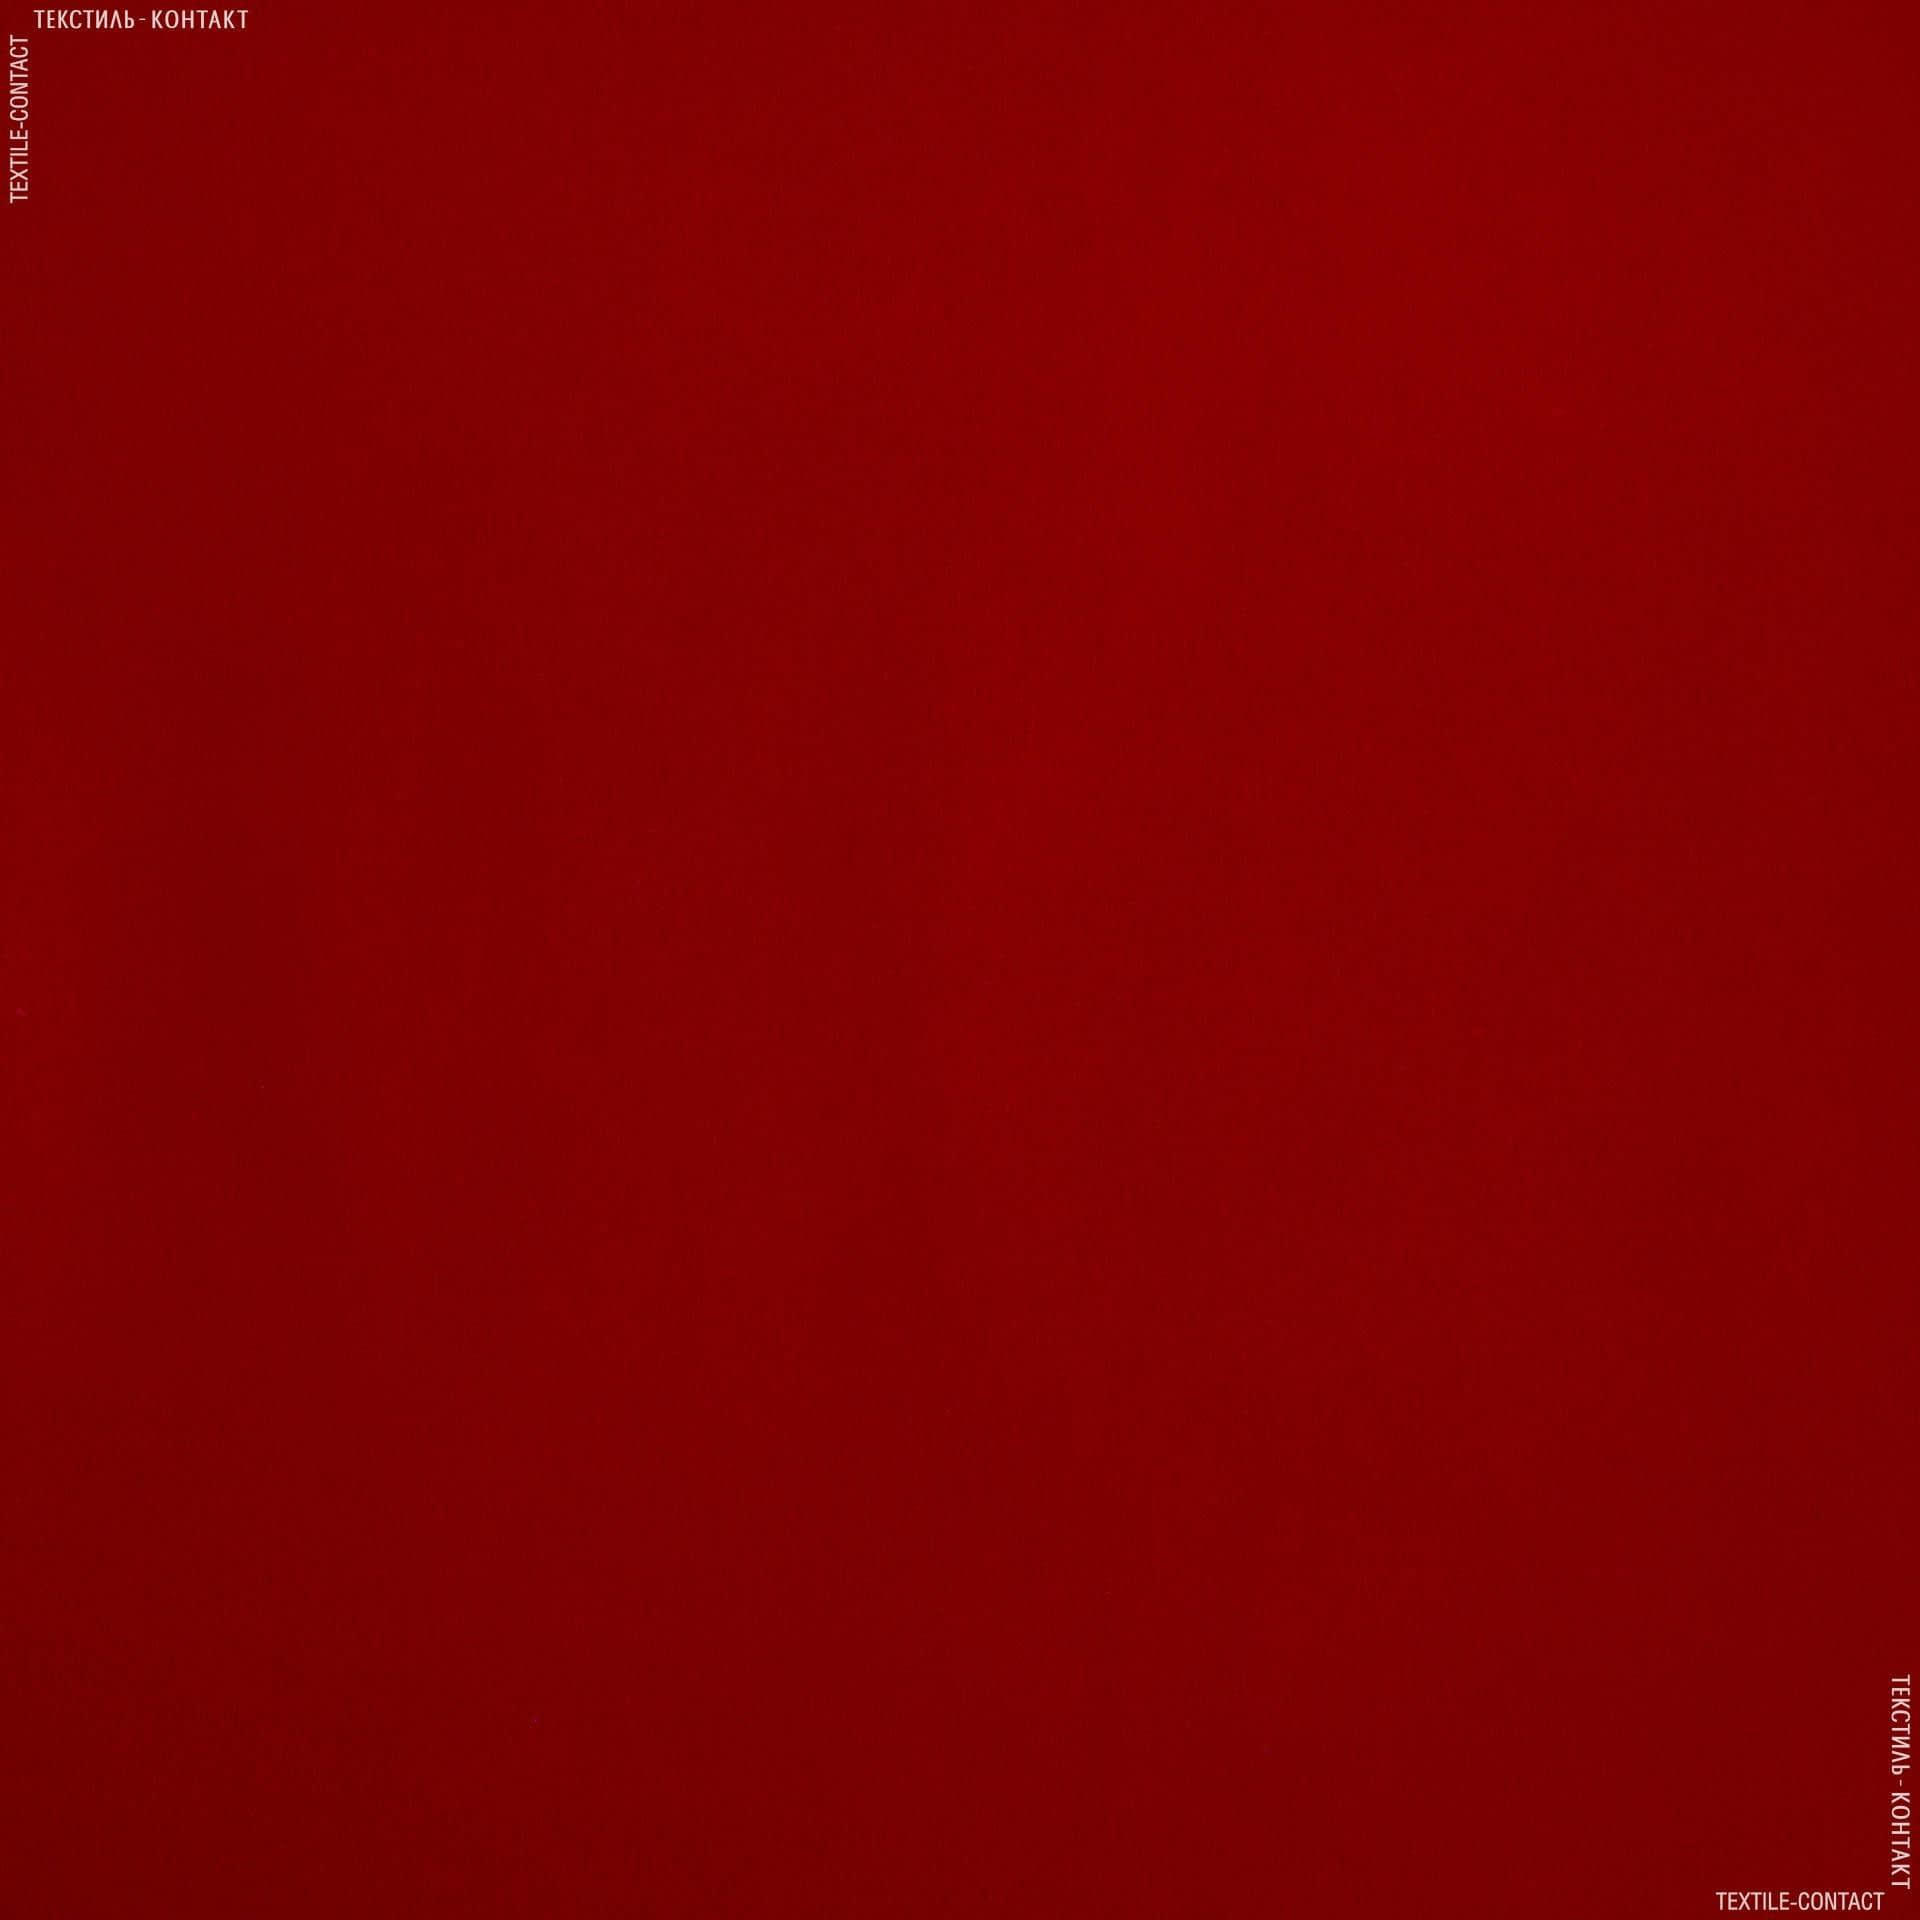 Тканини церковна тканина - Замша штучна яскраво-червоний